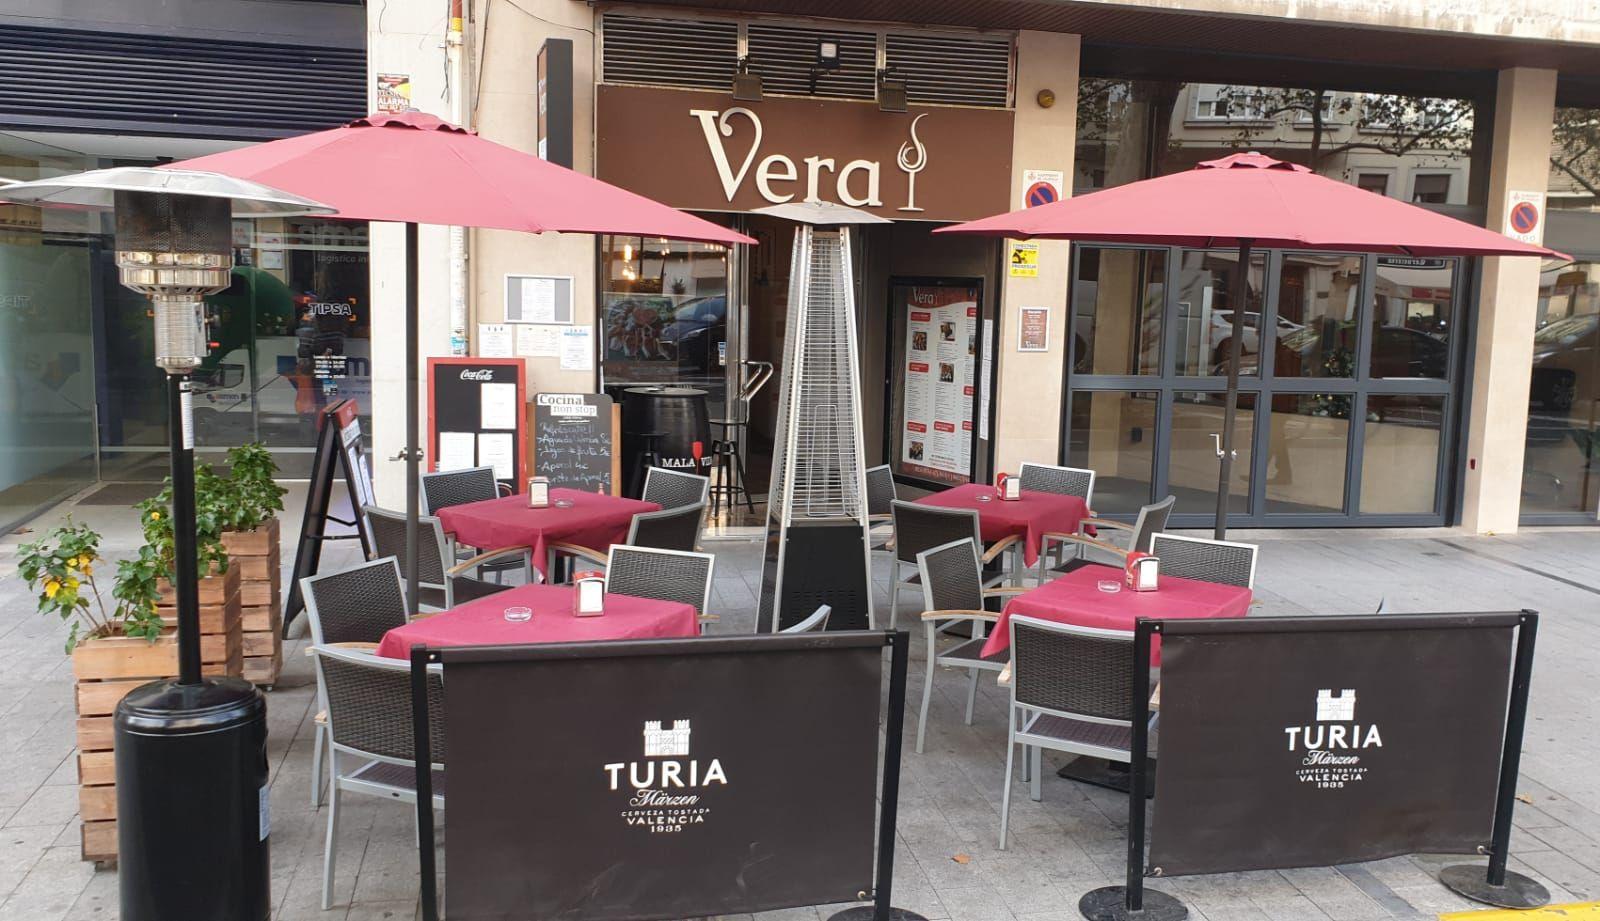 Foto 26 de Restaurante ecuatoriano en Valencia | Vera Restaurante